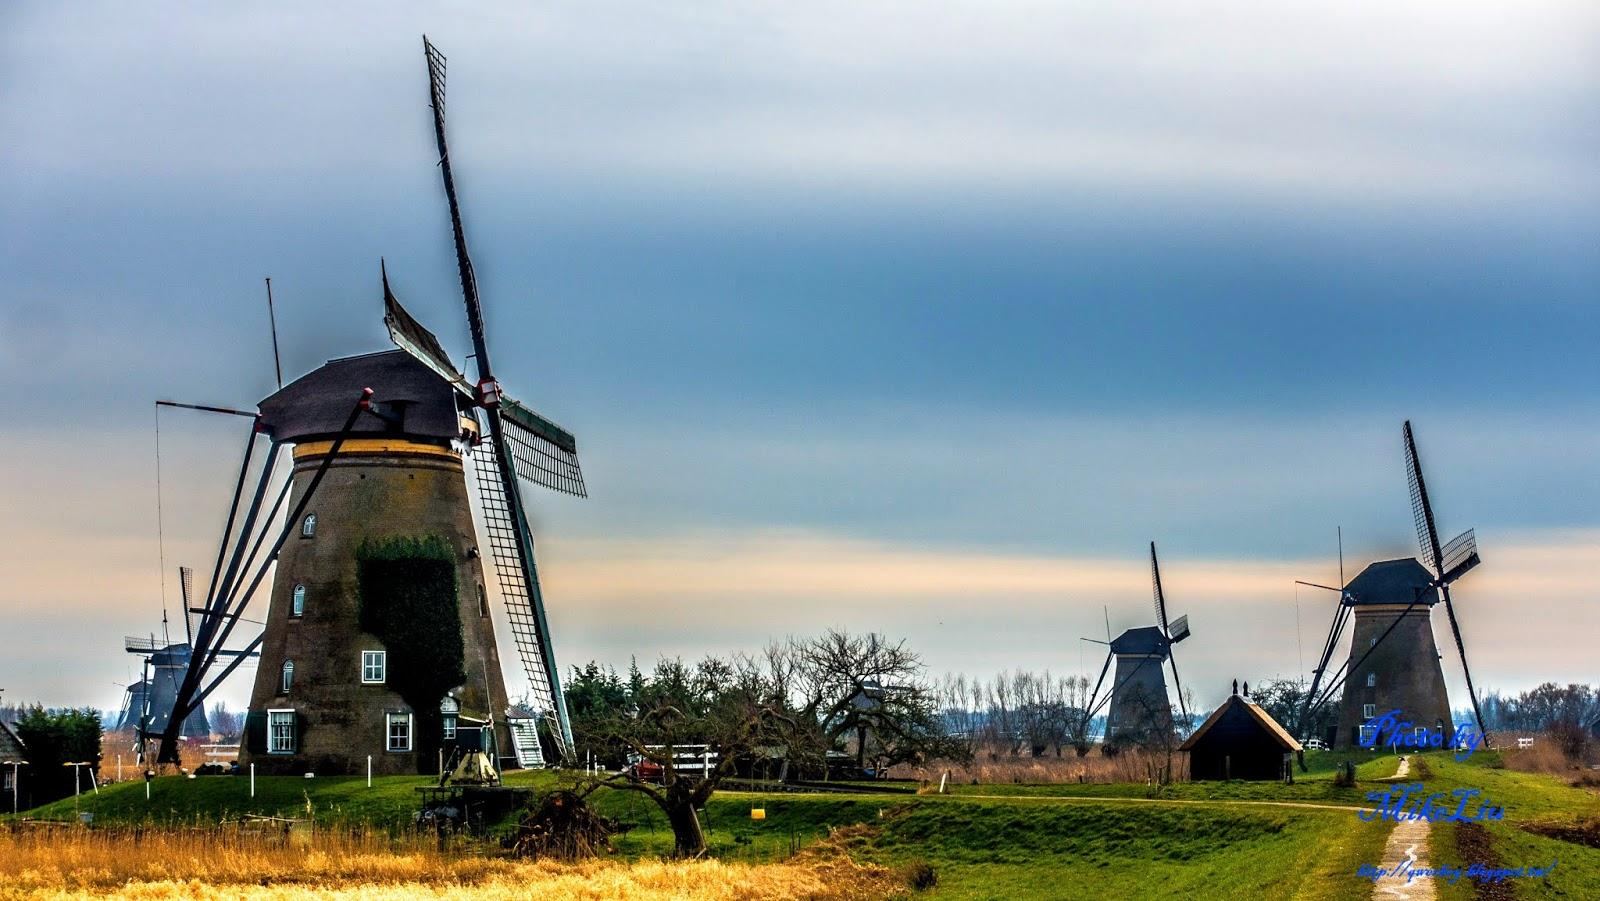 小孩堤防Kinderdijk*必去世界遺產景點 - 麥克愛旅行